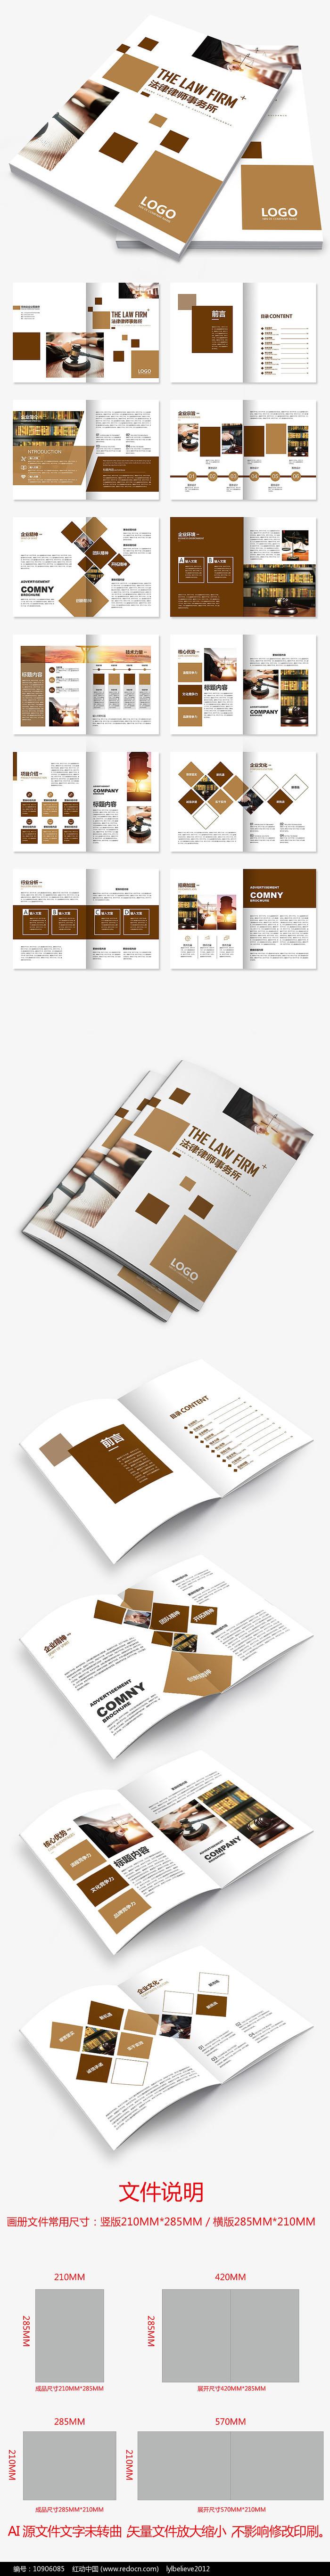 律师事务所画册设计法律法务培训画册